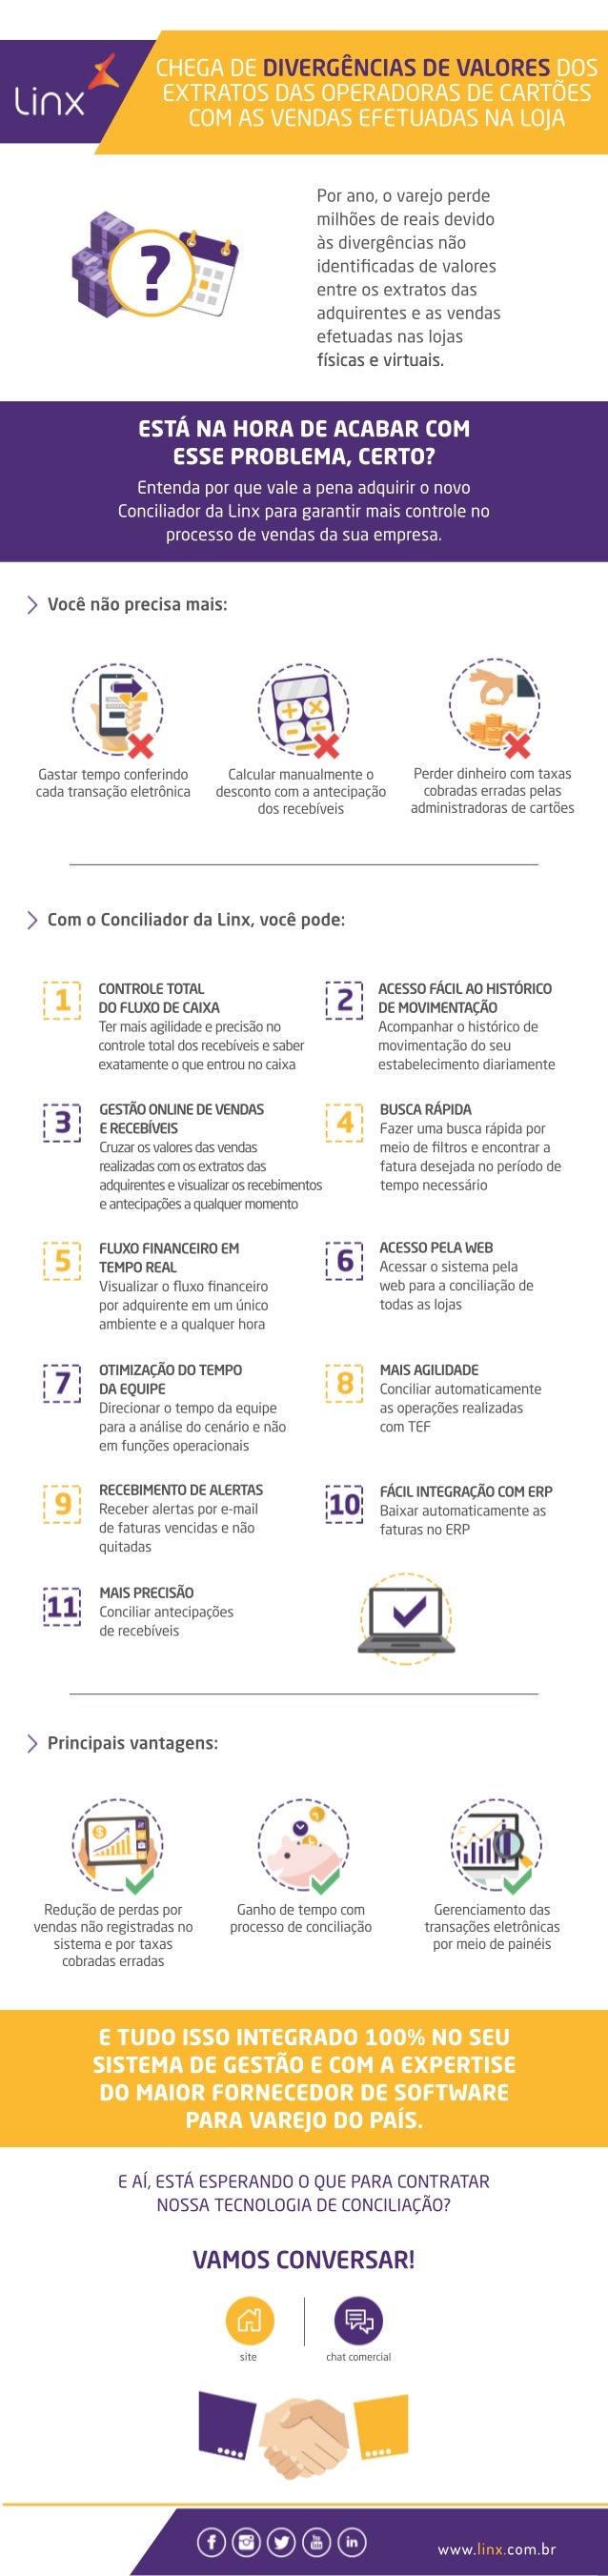 www.linx.com.br chatcomercialsite VAMOSCONVERSAR! EAÍ,ESTÁESPERANDOOQUEPARACONTRATAR NOSSATECNOLOGIADECONCILIAÇÃO? ETUDOIS...